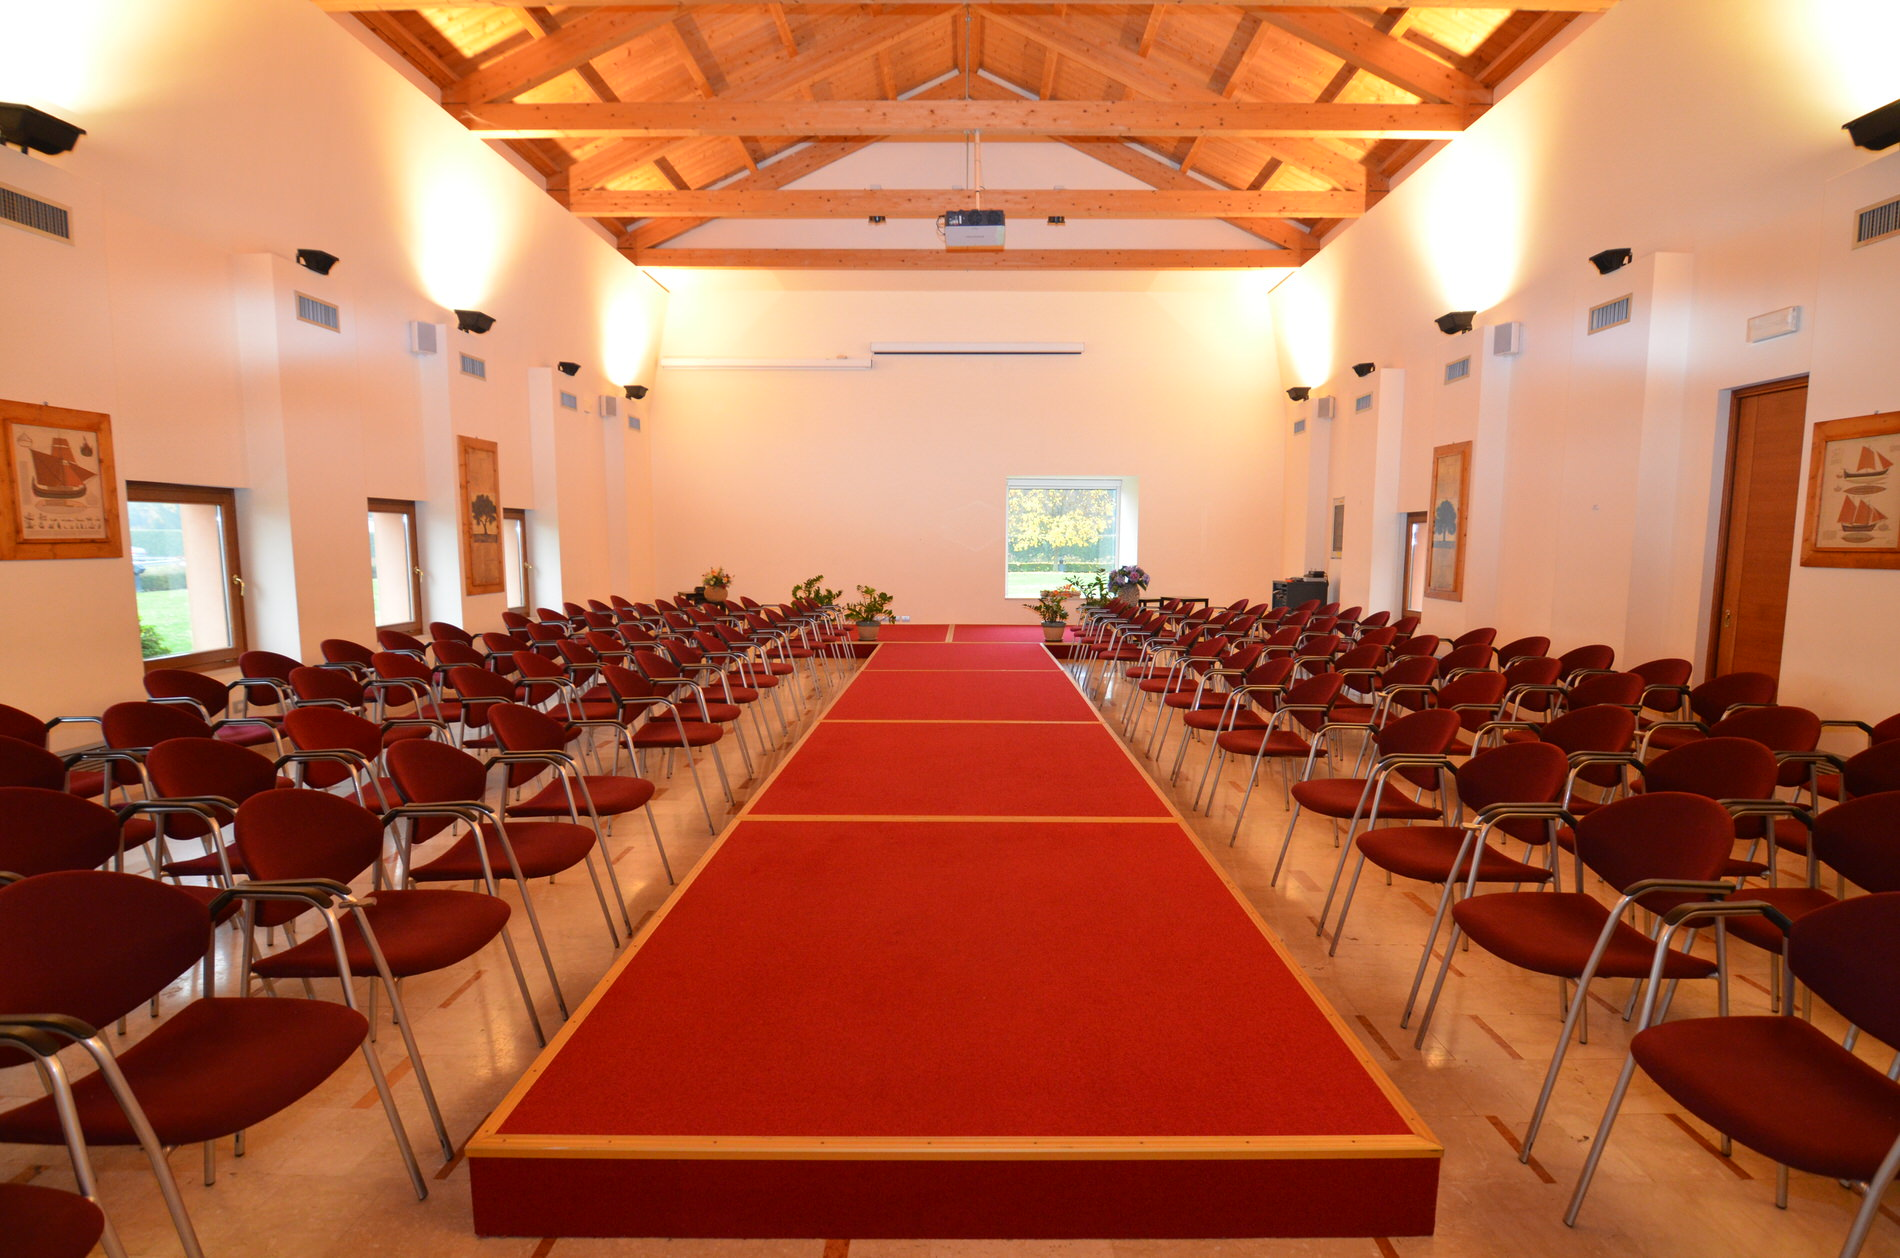 Centro congressi treviso hotel crystal sale congressi - Sala insonorizzata ...